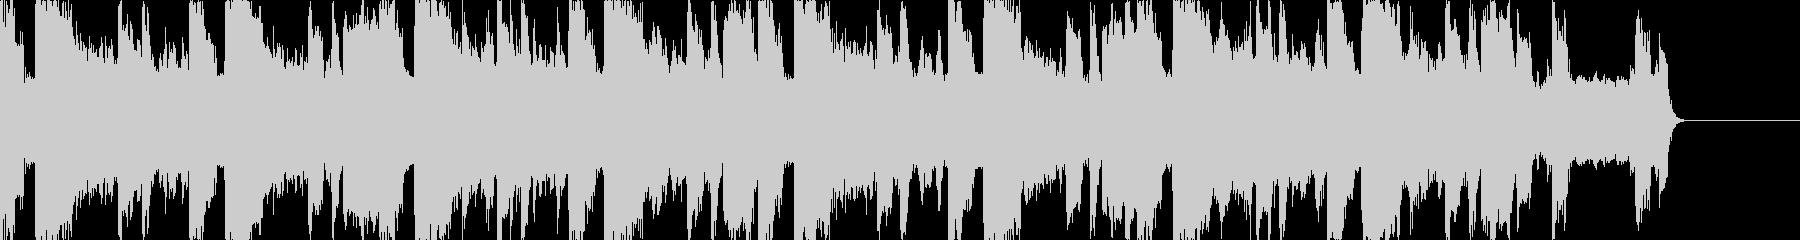 アグレッシブなEDM、アクセントにの未再生の波形